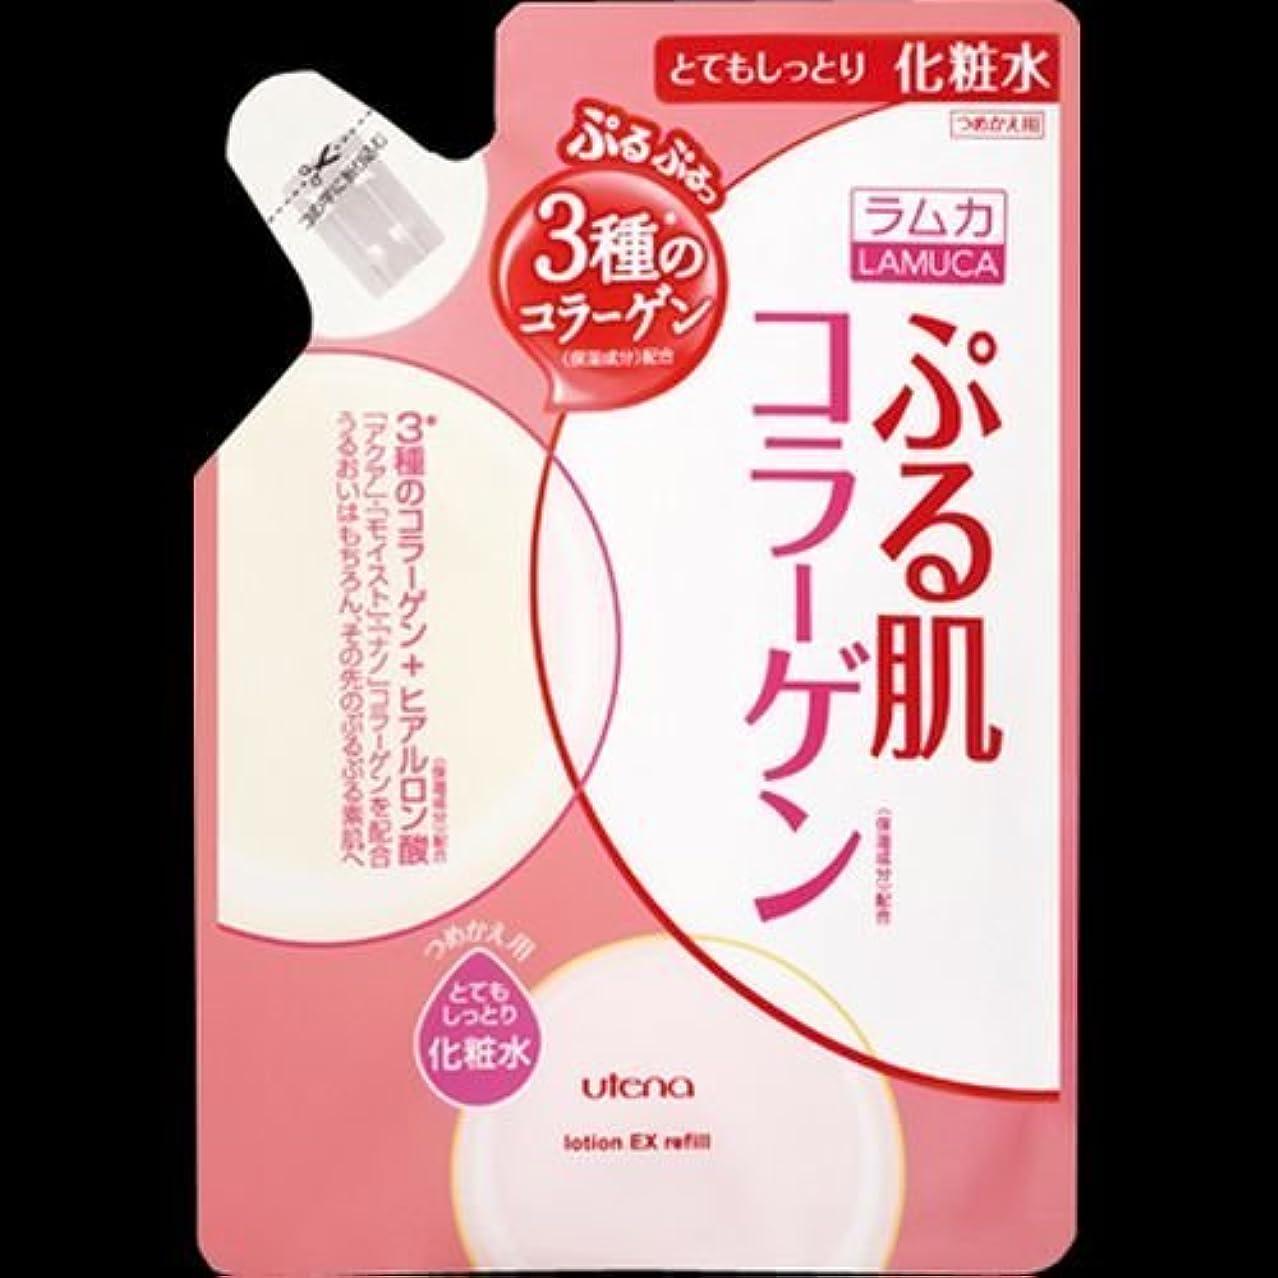 新鮮な石鹸ウェイド【まとめ買い】ラムカぷる肌化粧水とてもしっとり替 ×2セット